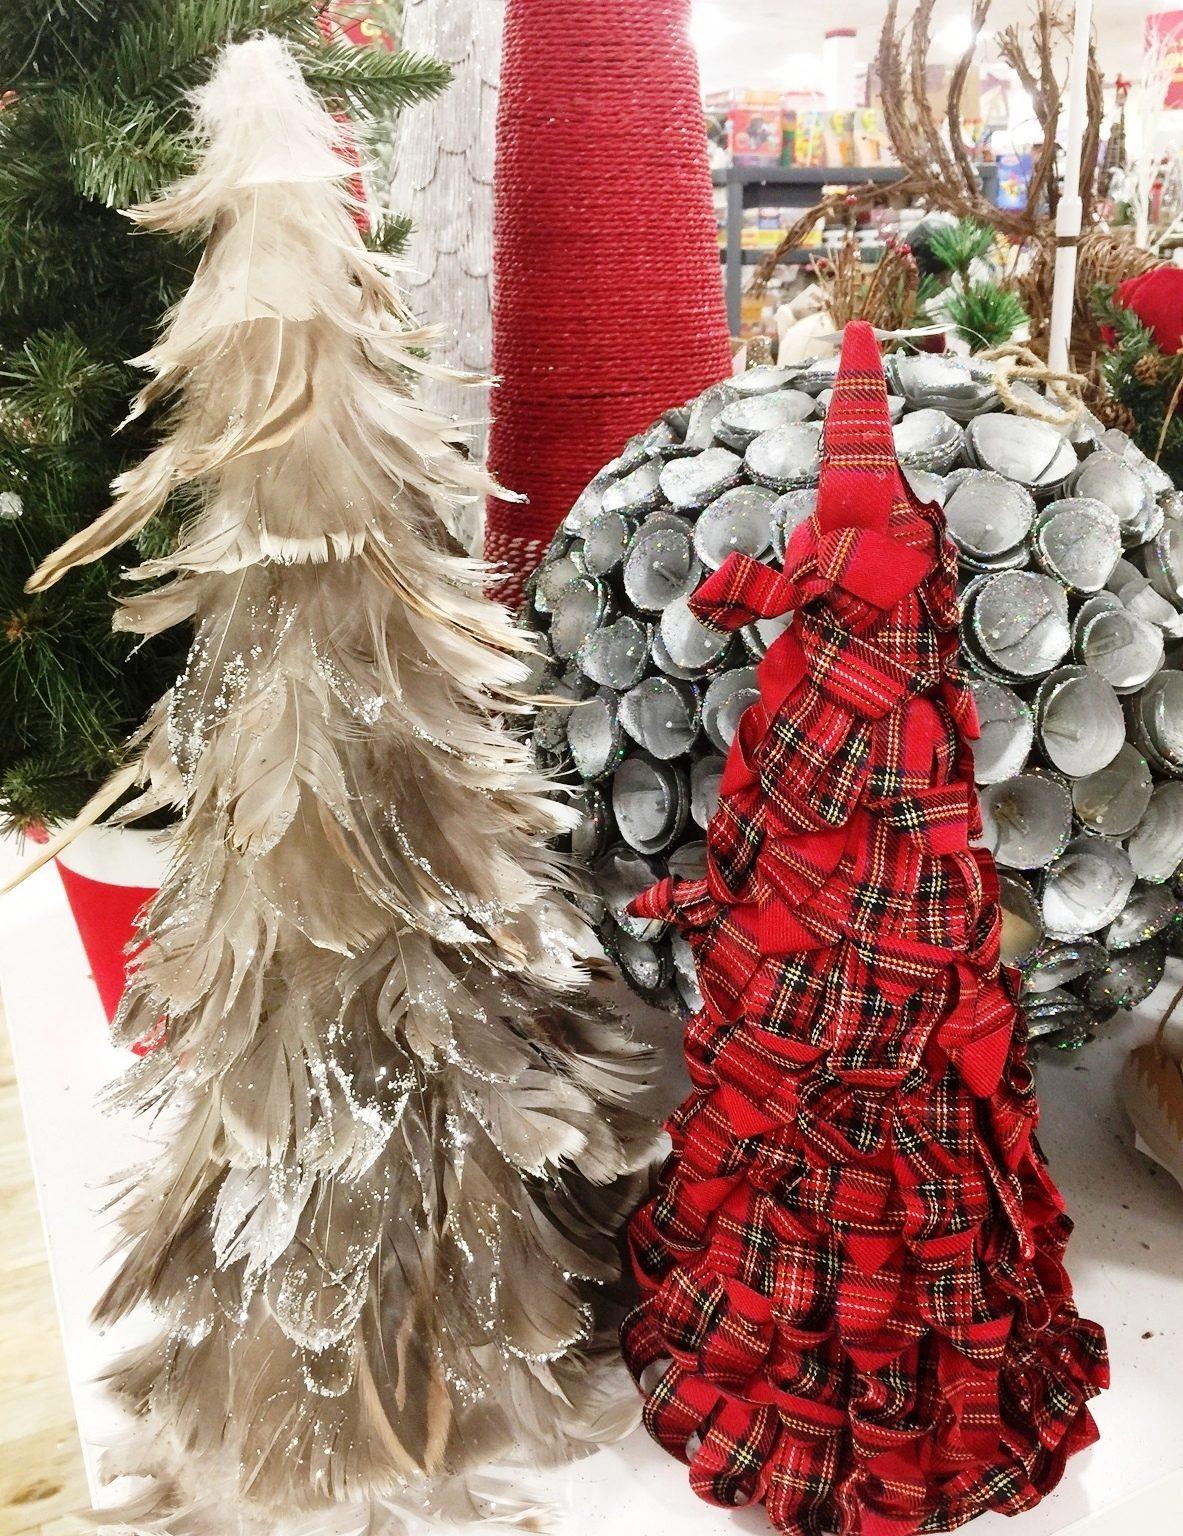 Los arbolitas de Navidad 2016 están creados con plumas, retazos de tela al estilo escocés, madera y otros elementos de la naturaleza..